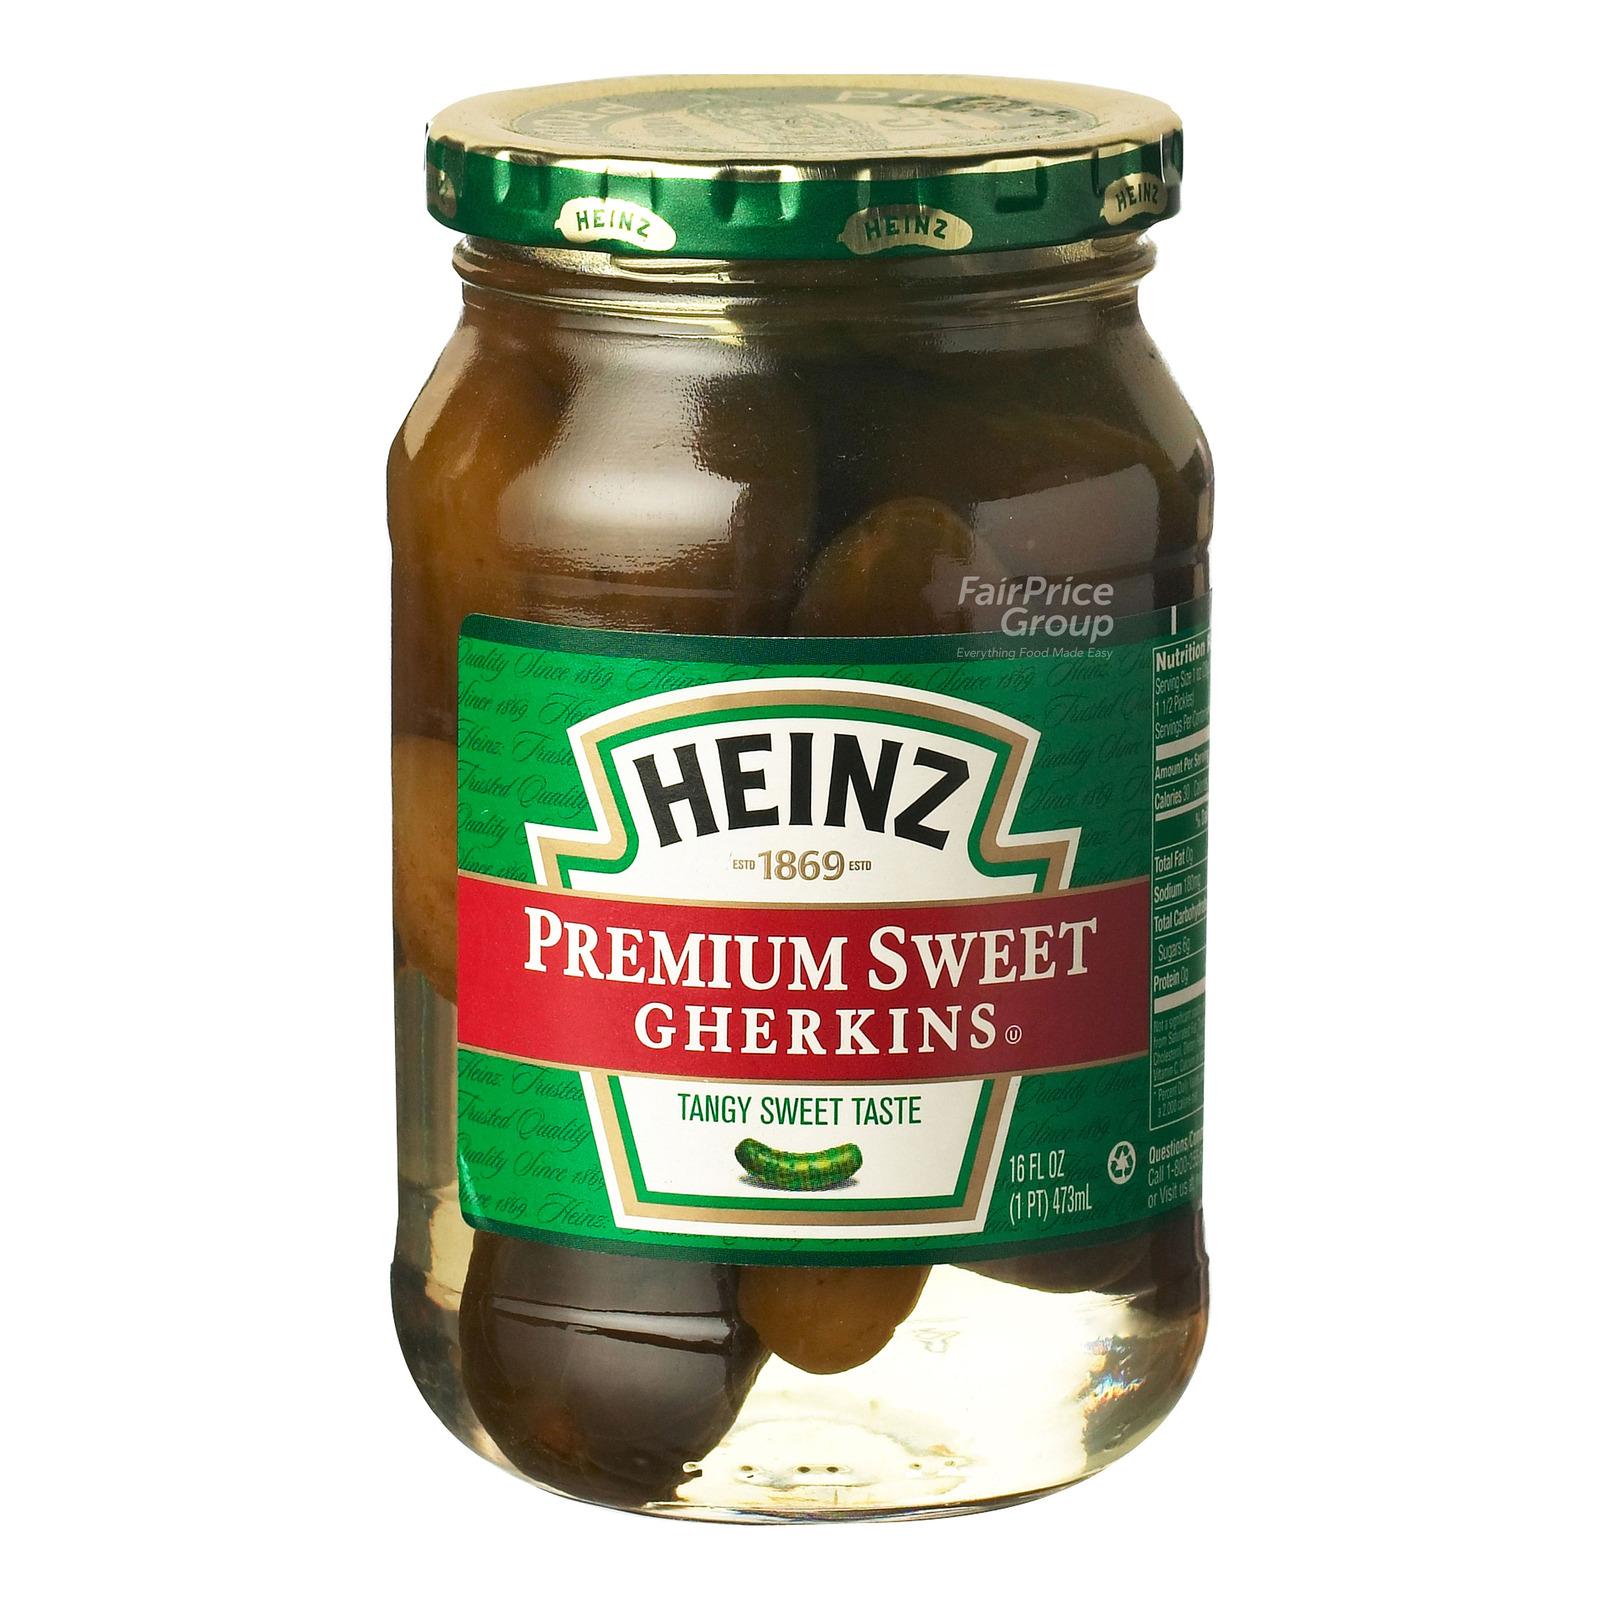 Heinz Premium Sweet Gherkins - Tangy Sweet